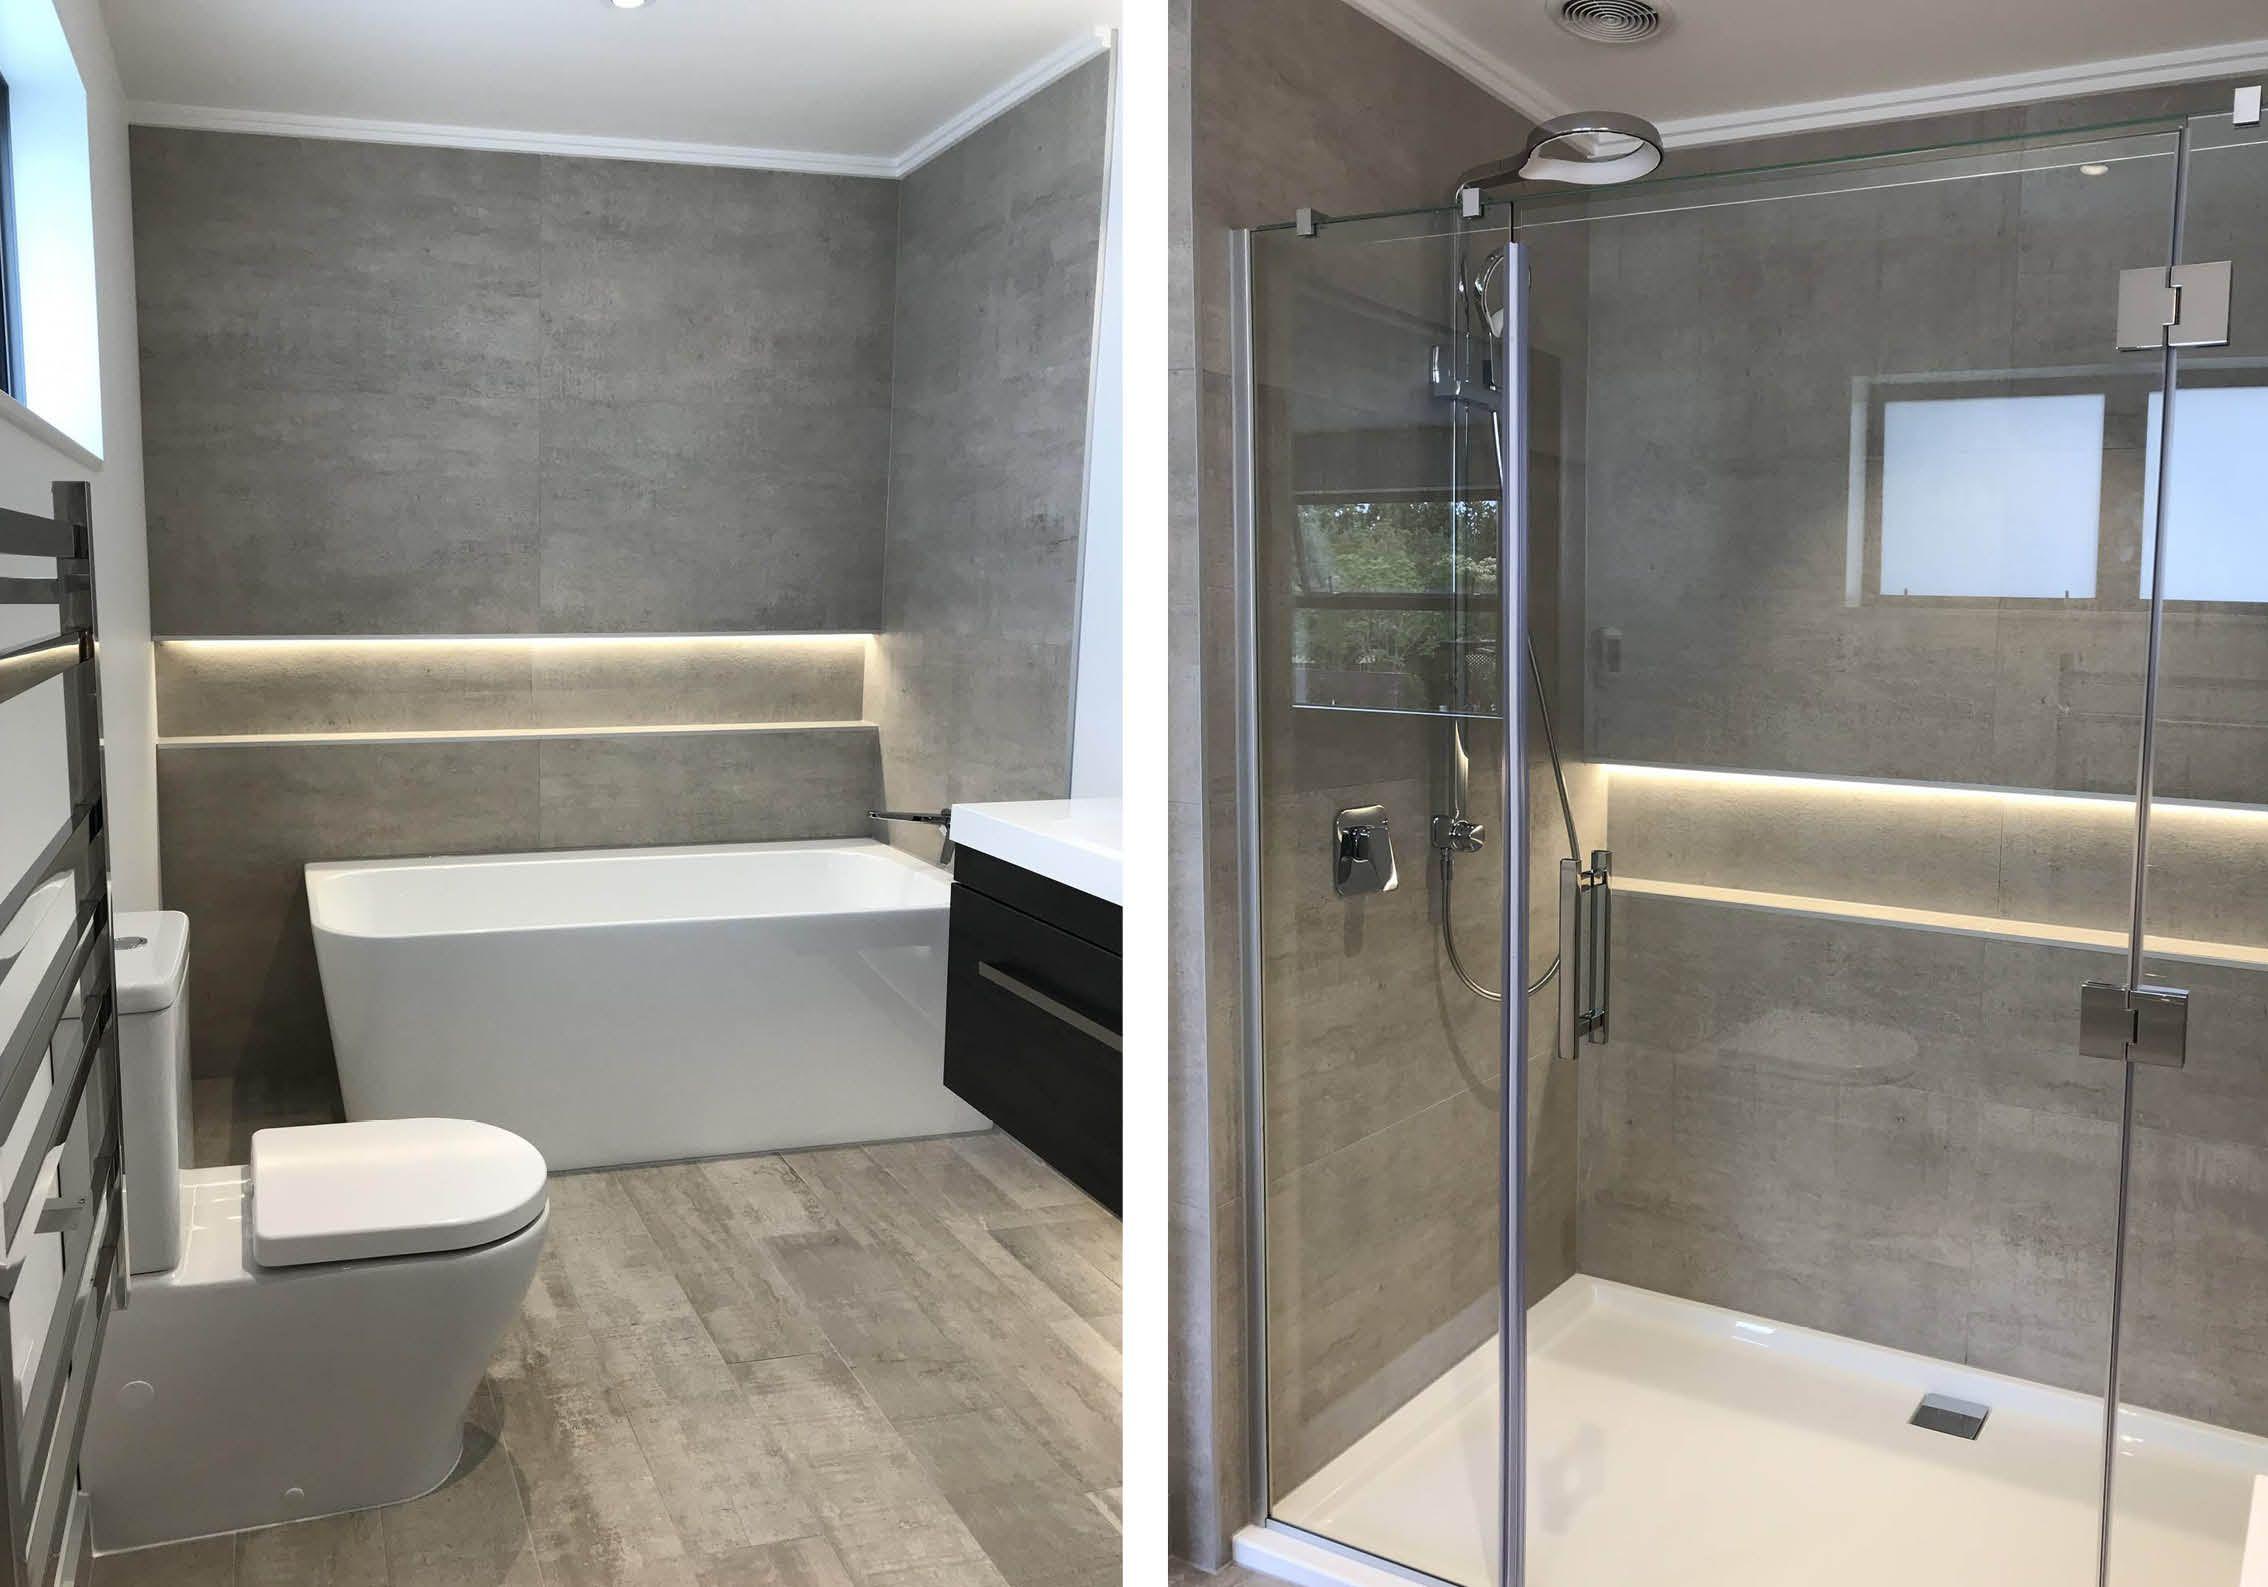 concreto cinza 60x120 bathroom floor